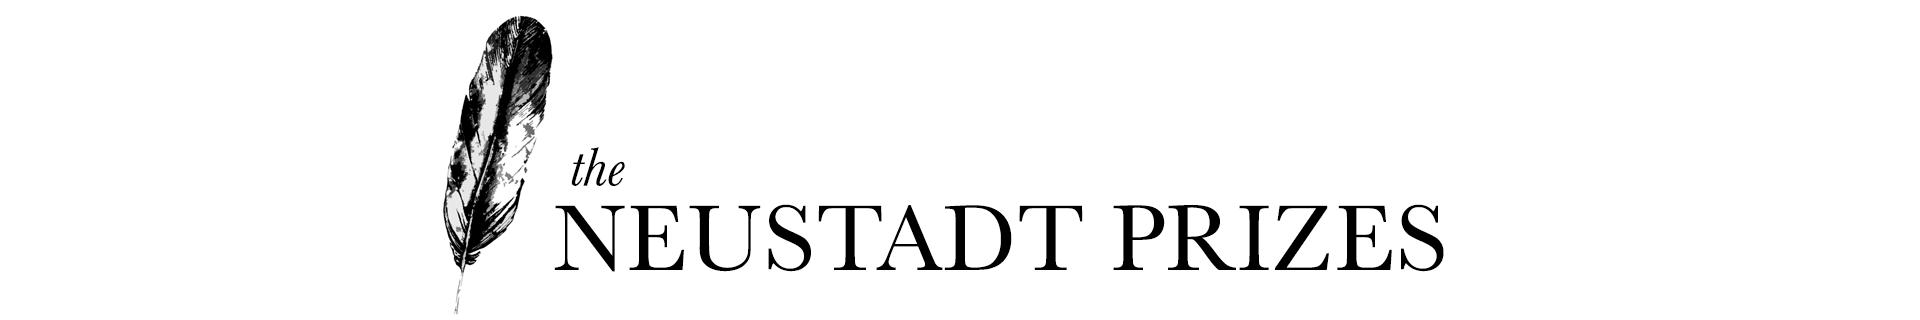 The Neustadt Prize